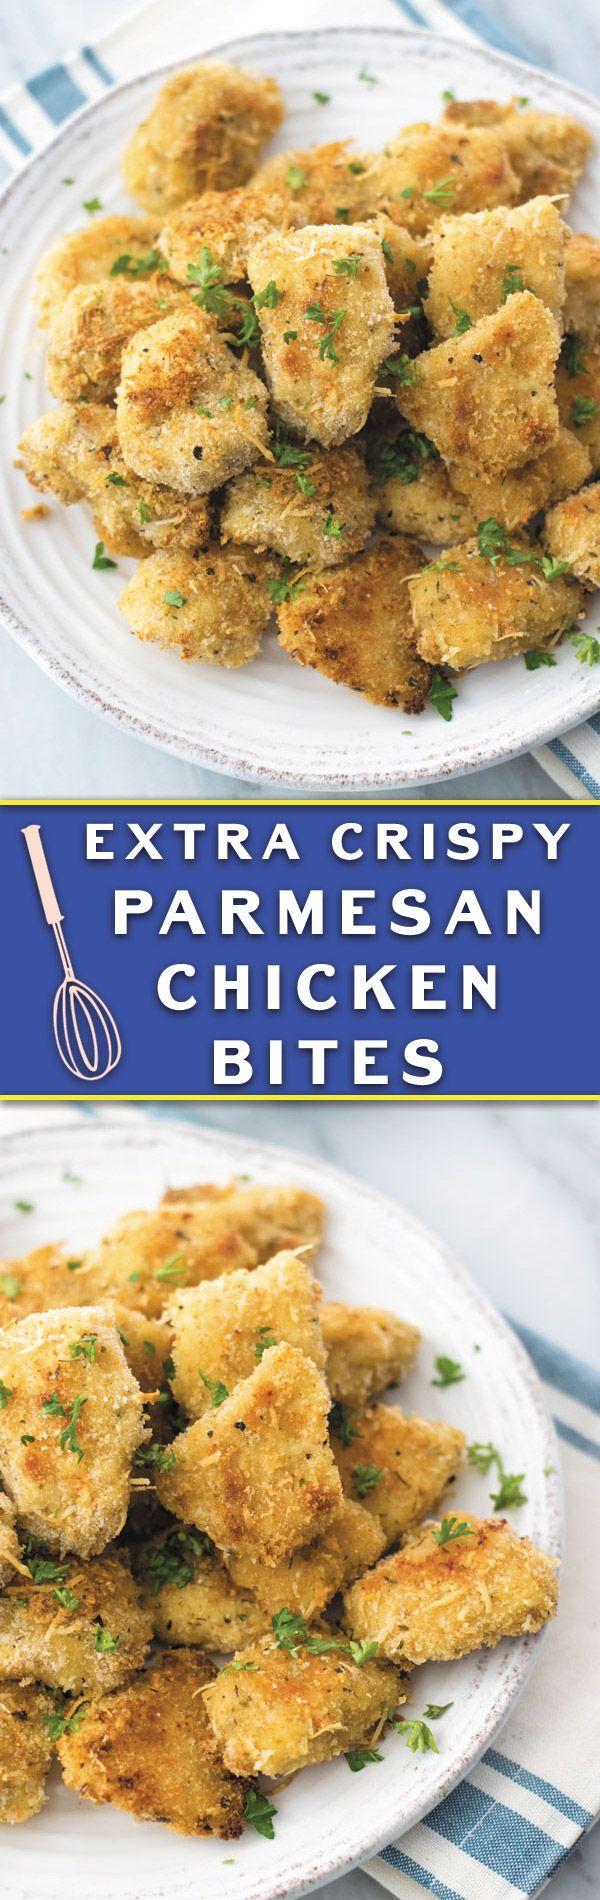 Crispy Baked Parmesan Chicken Bites